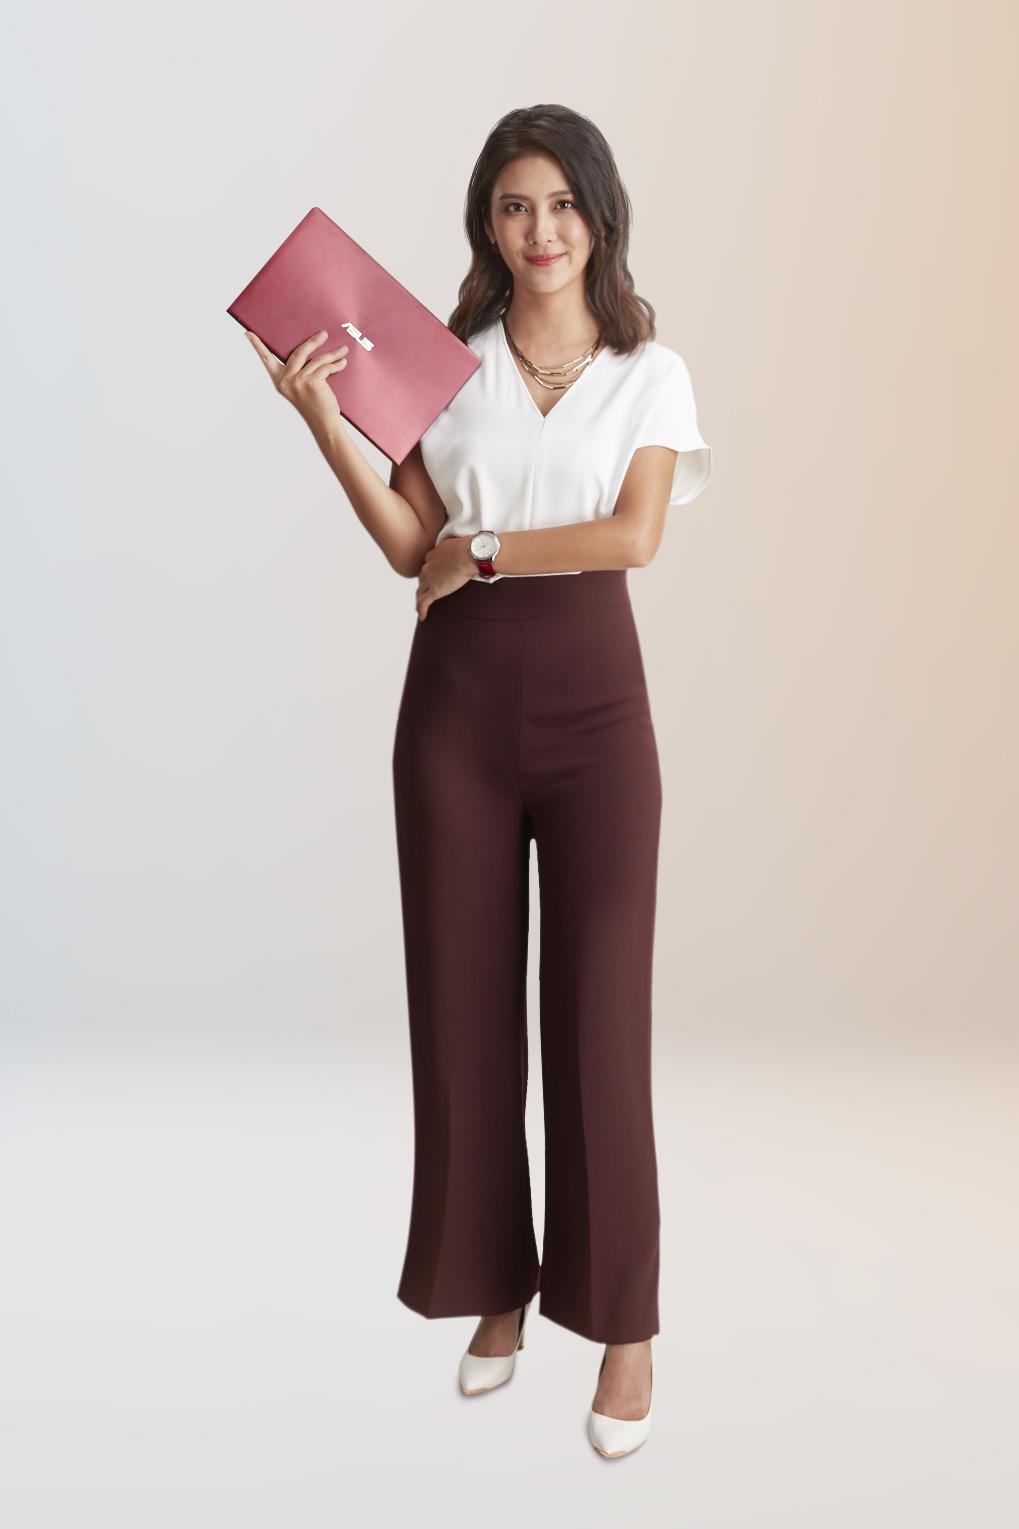 ZenBook的輕薄設計感到驚豔,並認為勃艮第紅新色很有質感、使用起來讓人充滿自信。